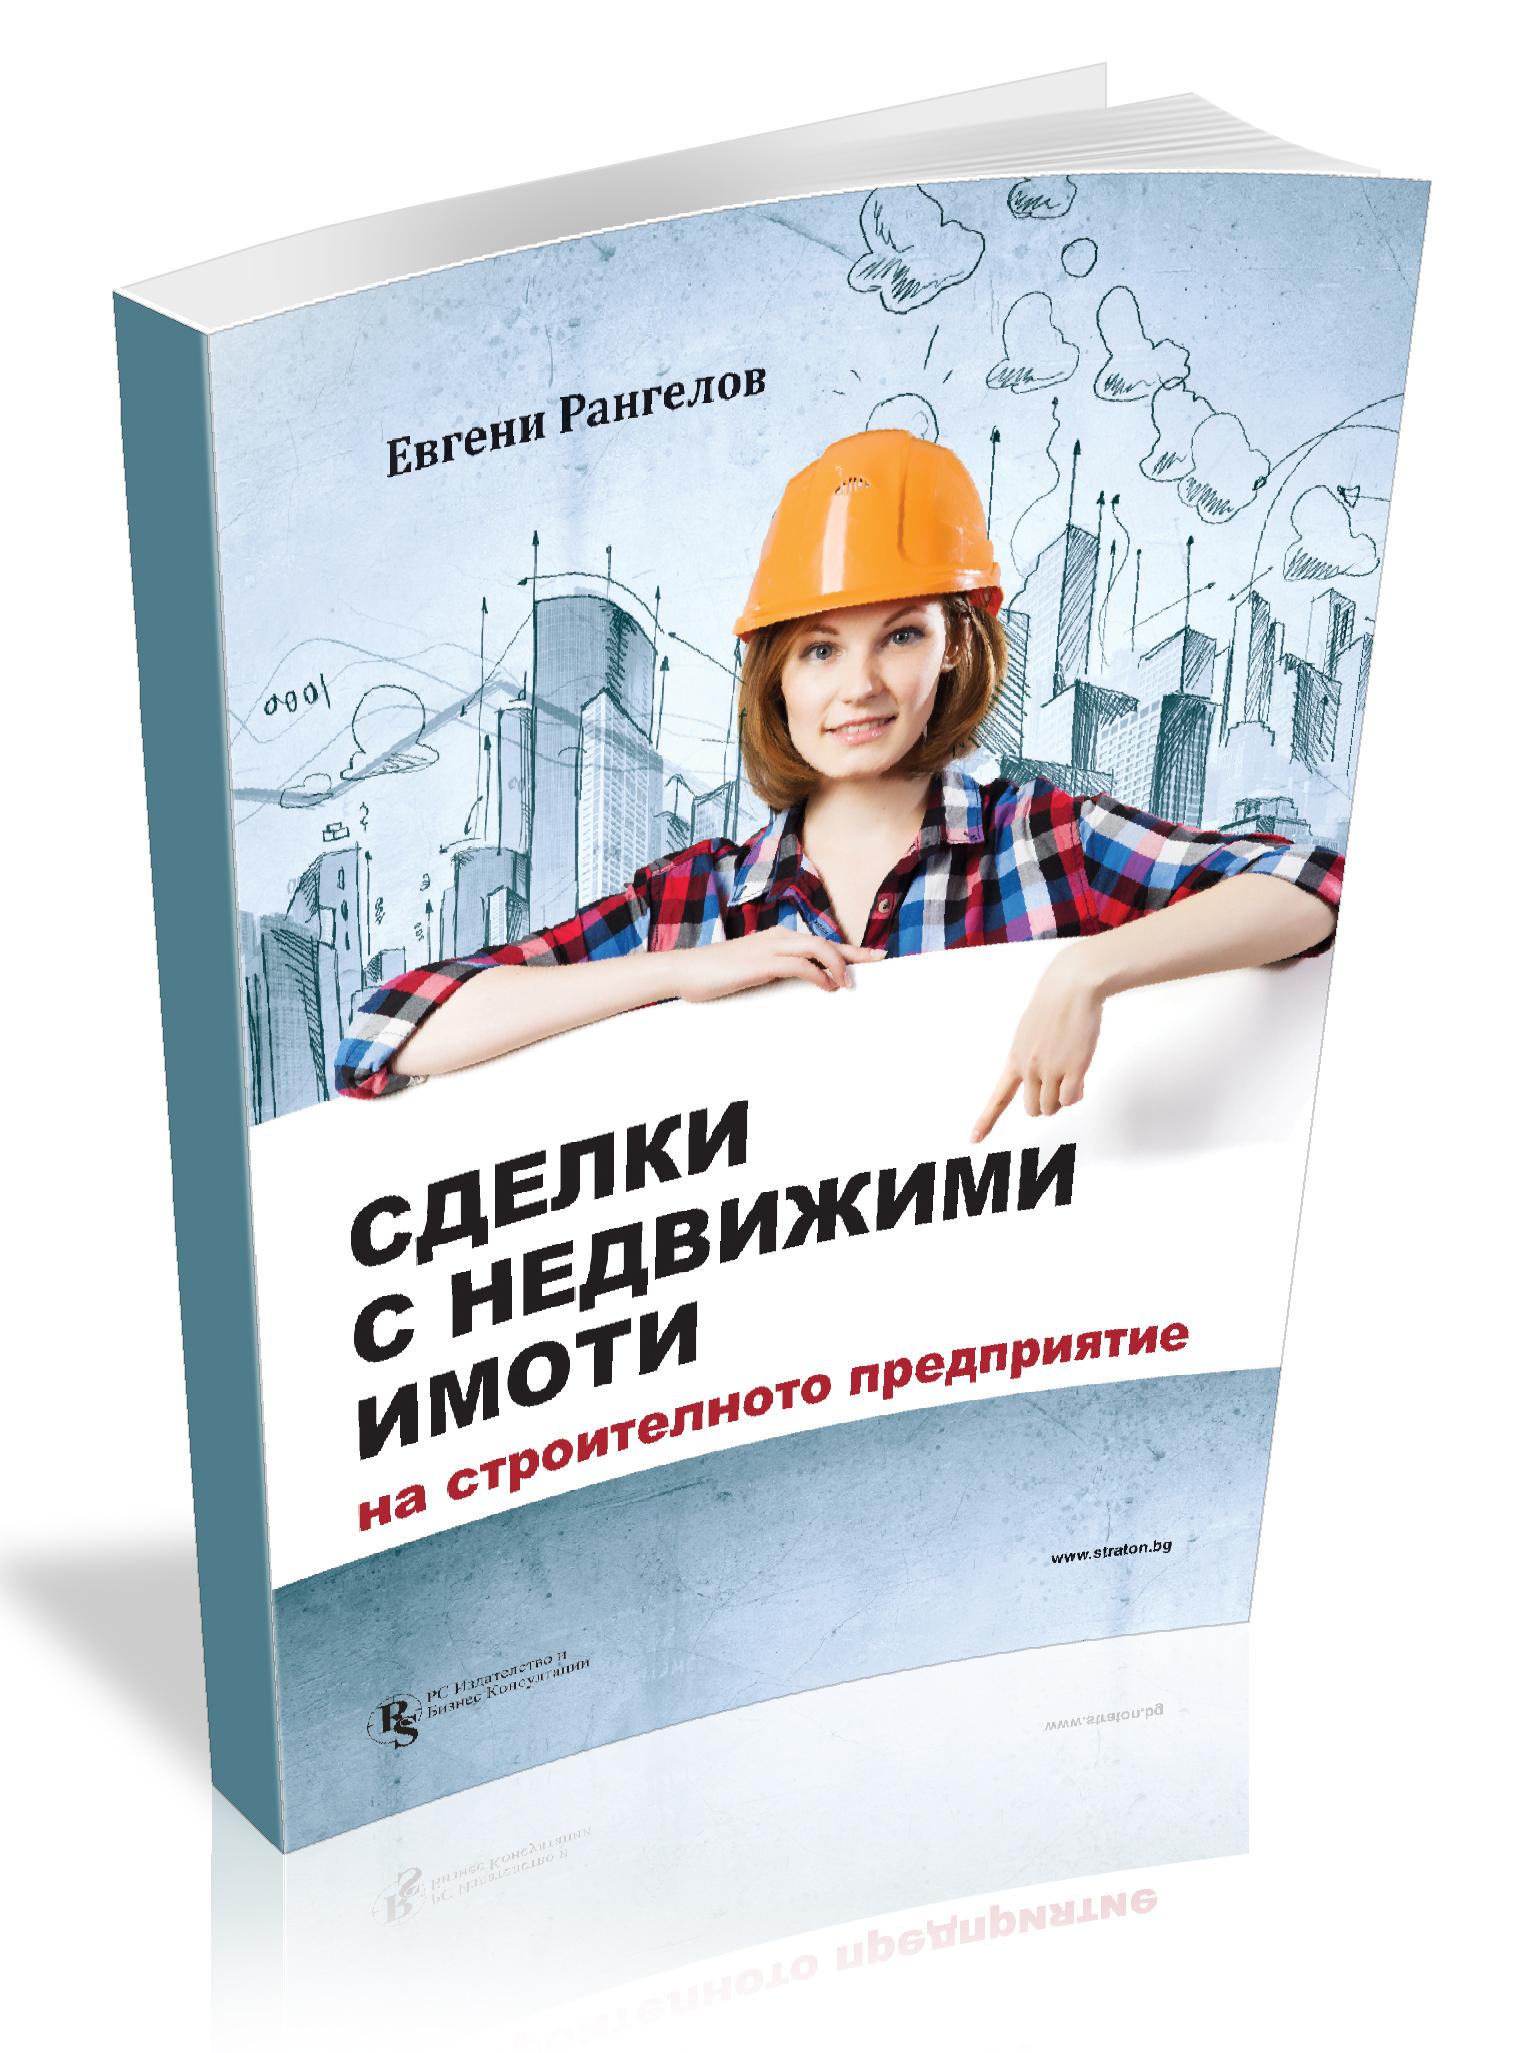 Сделки с недвижими имоти на строителното предприятие